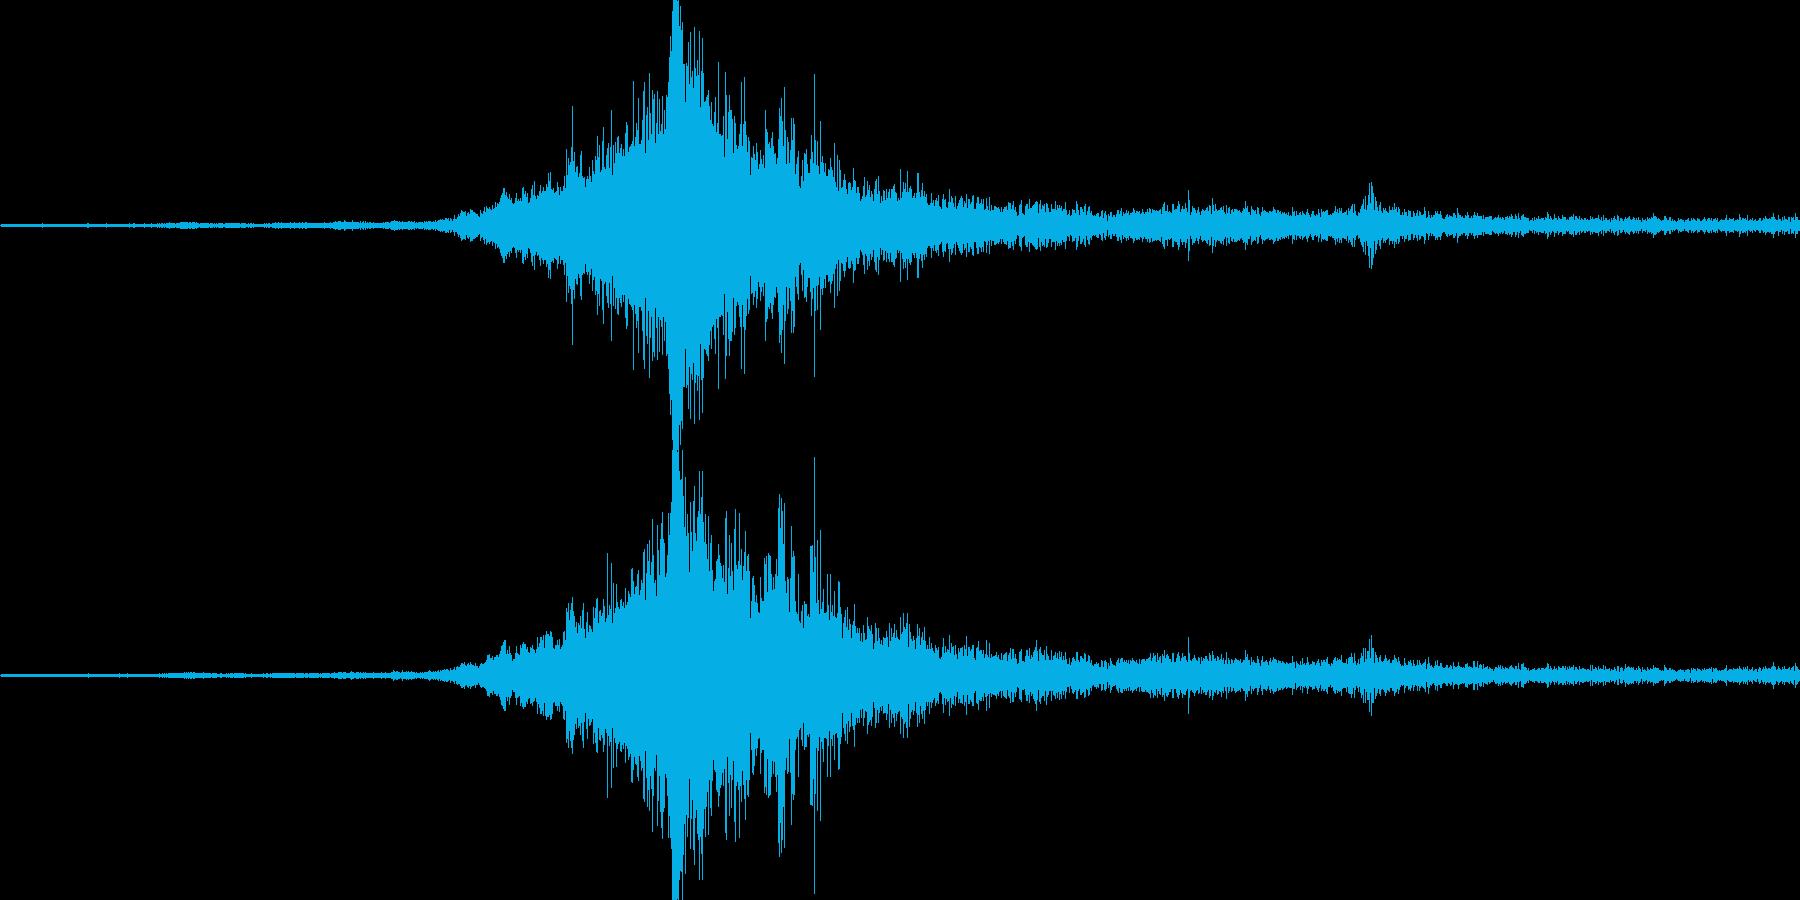 バイノーラル録音戦闘機6の再生済みの波形